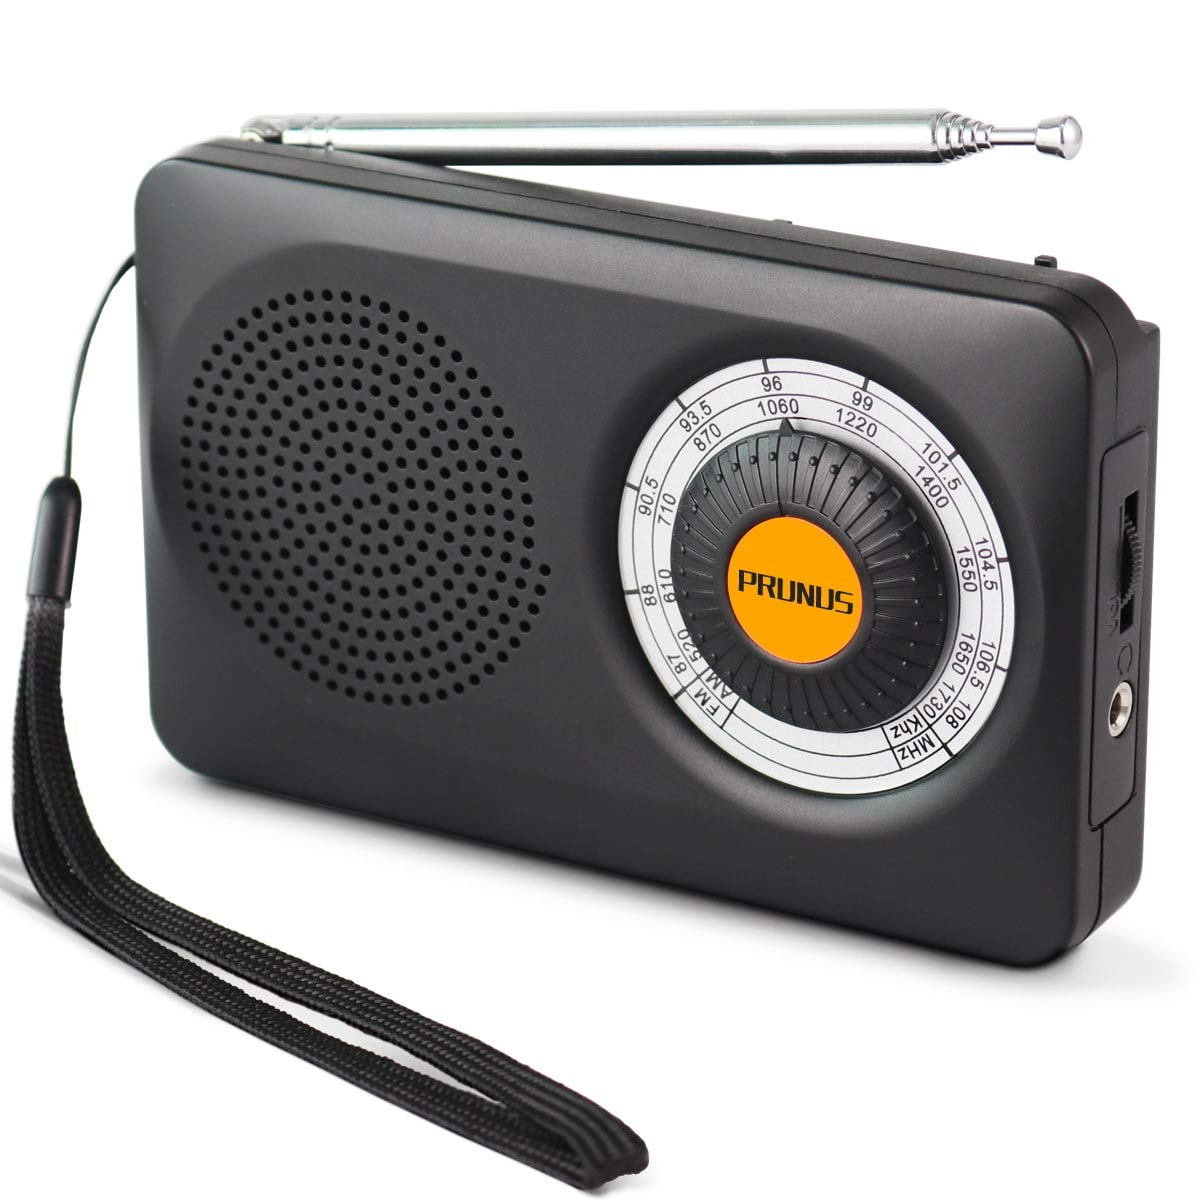 PRUNUS J-115 Pequeña Radio Portátil, Am FM Radio Analógica de Bolsillo, Radio de Transistor a Batería con Auriculares, Antena Giratoria de 360 °, 2 Pilas AA (No Incluidas): Amazon.es: Electrónica